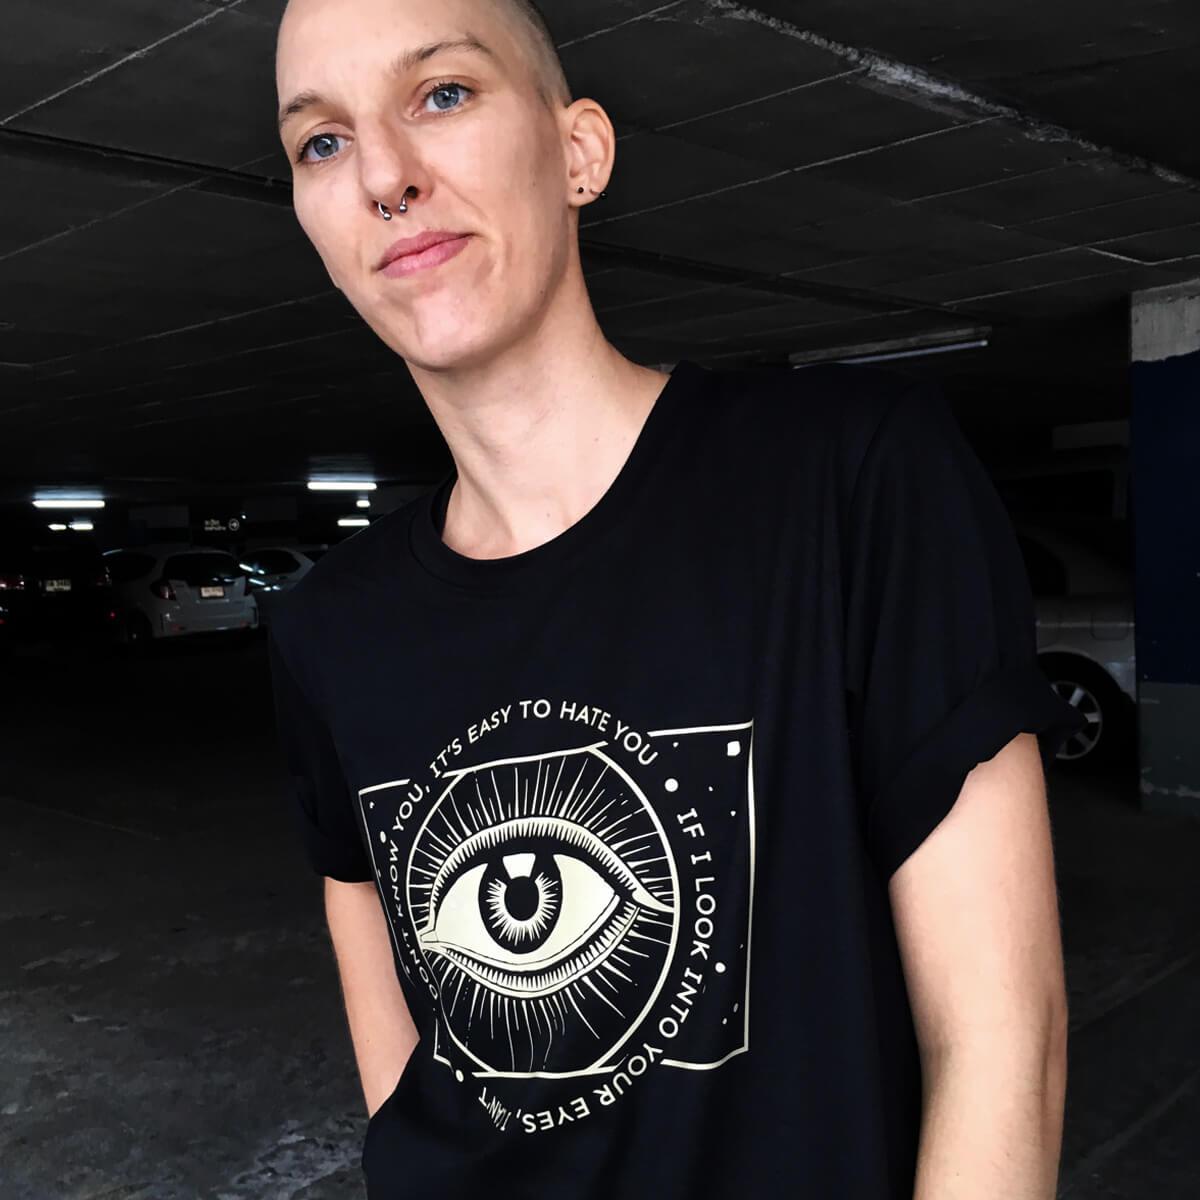 tara brach israel palestine t-shirt